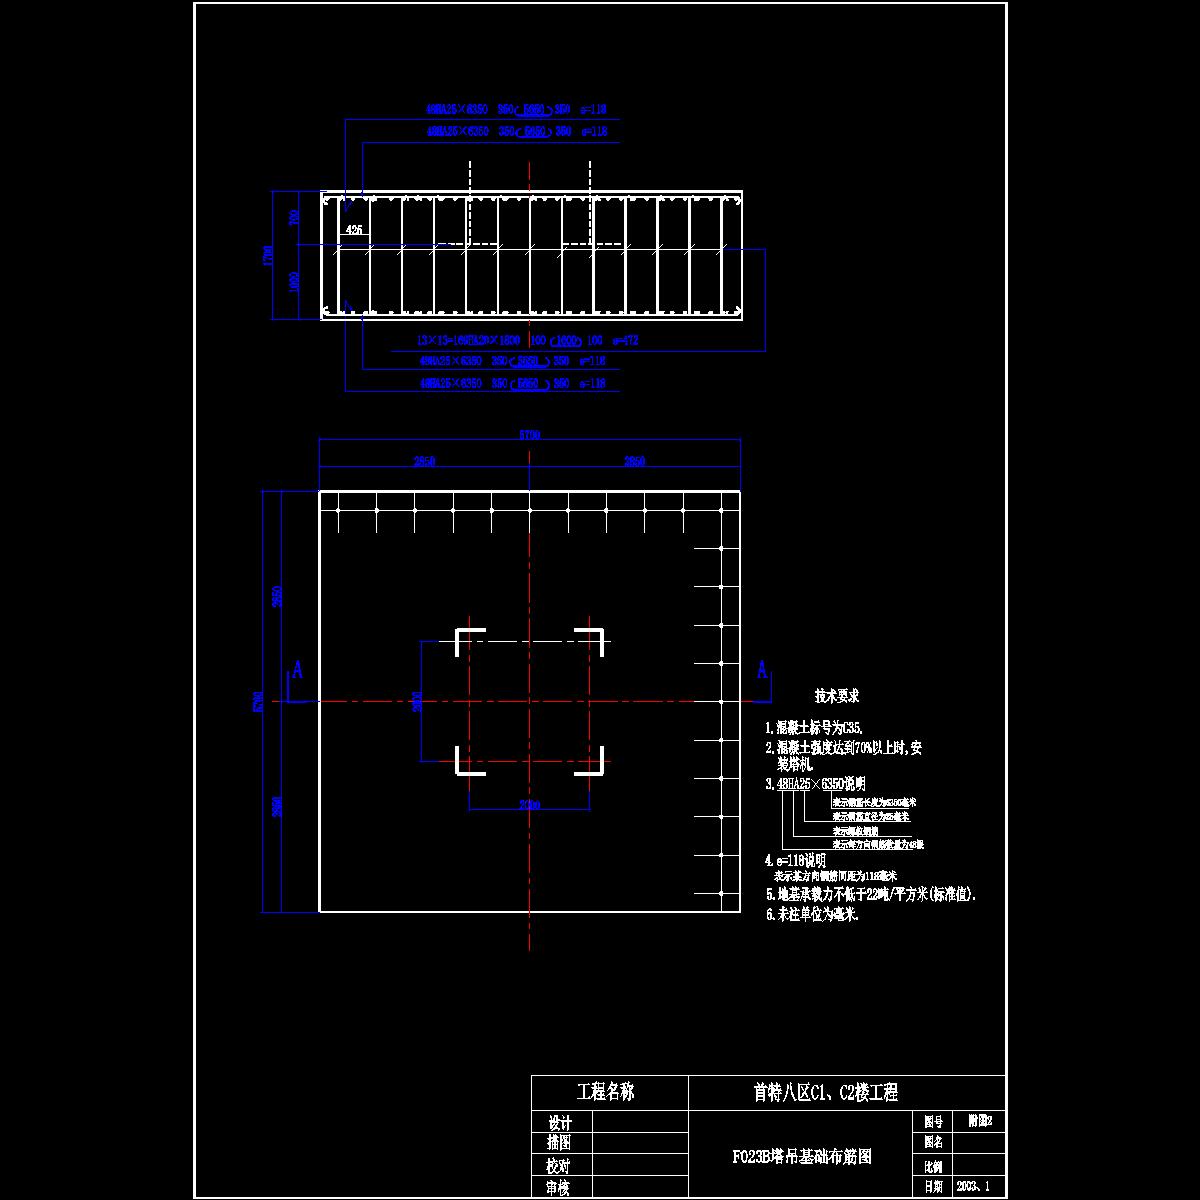 f023b塔吊基础布筋.dwg